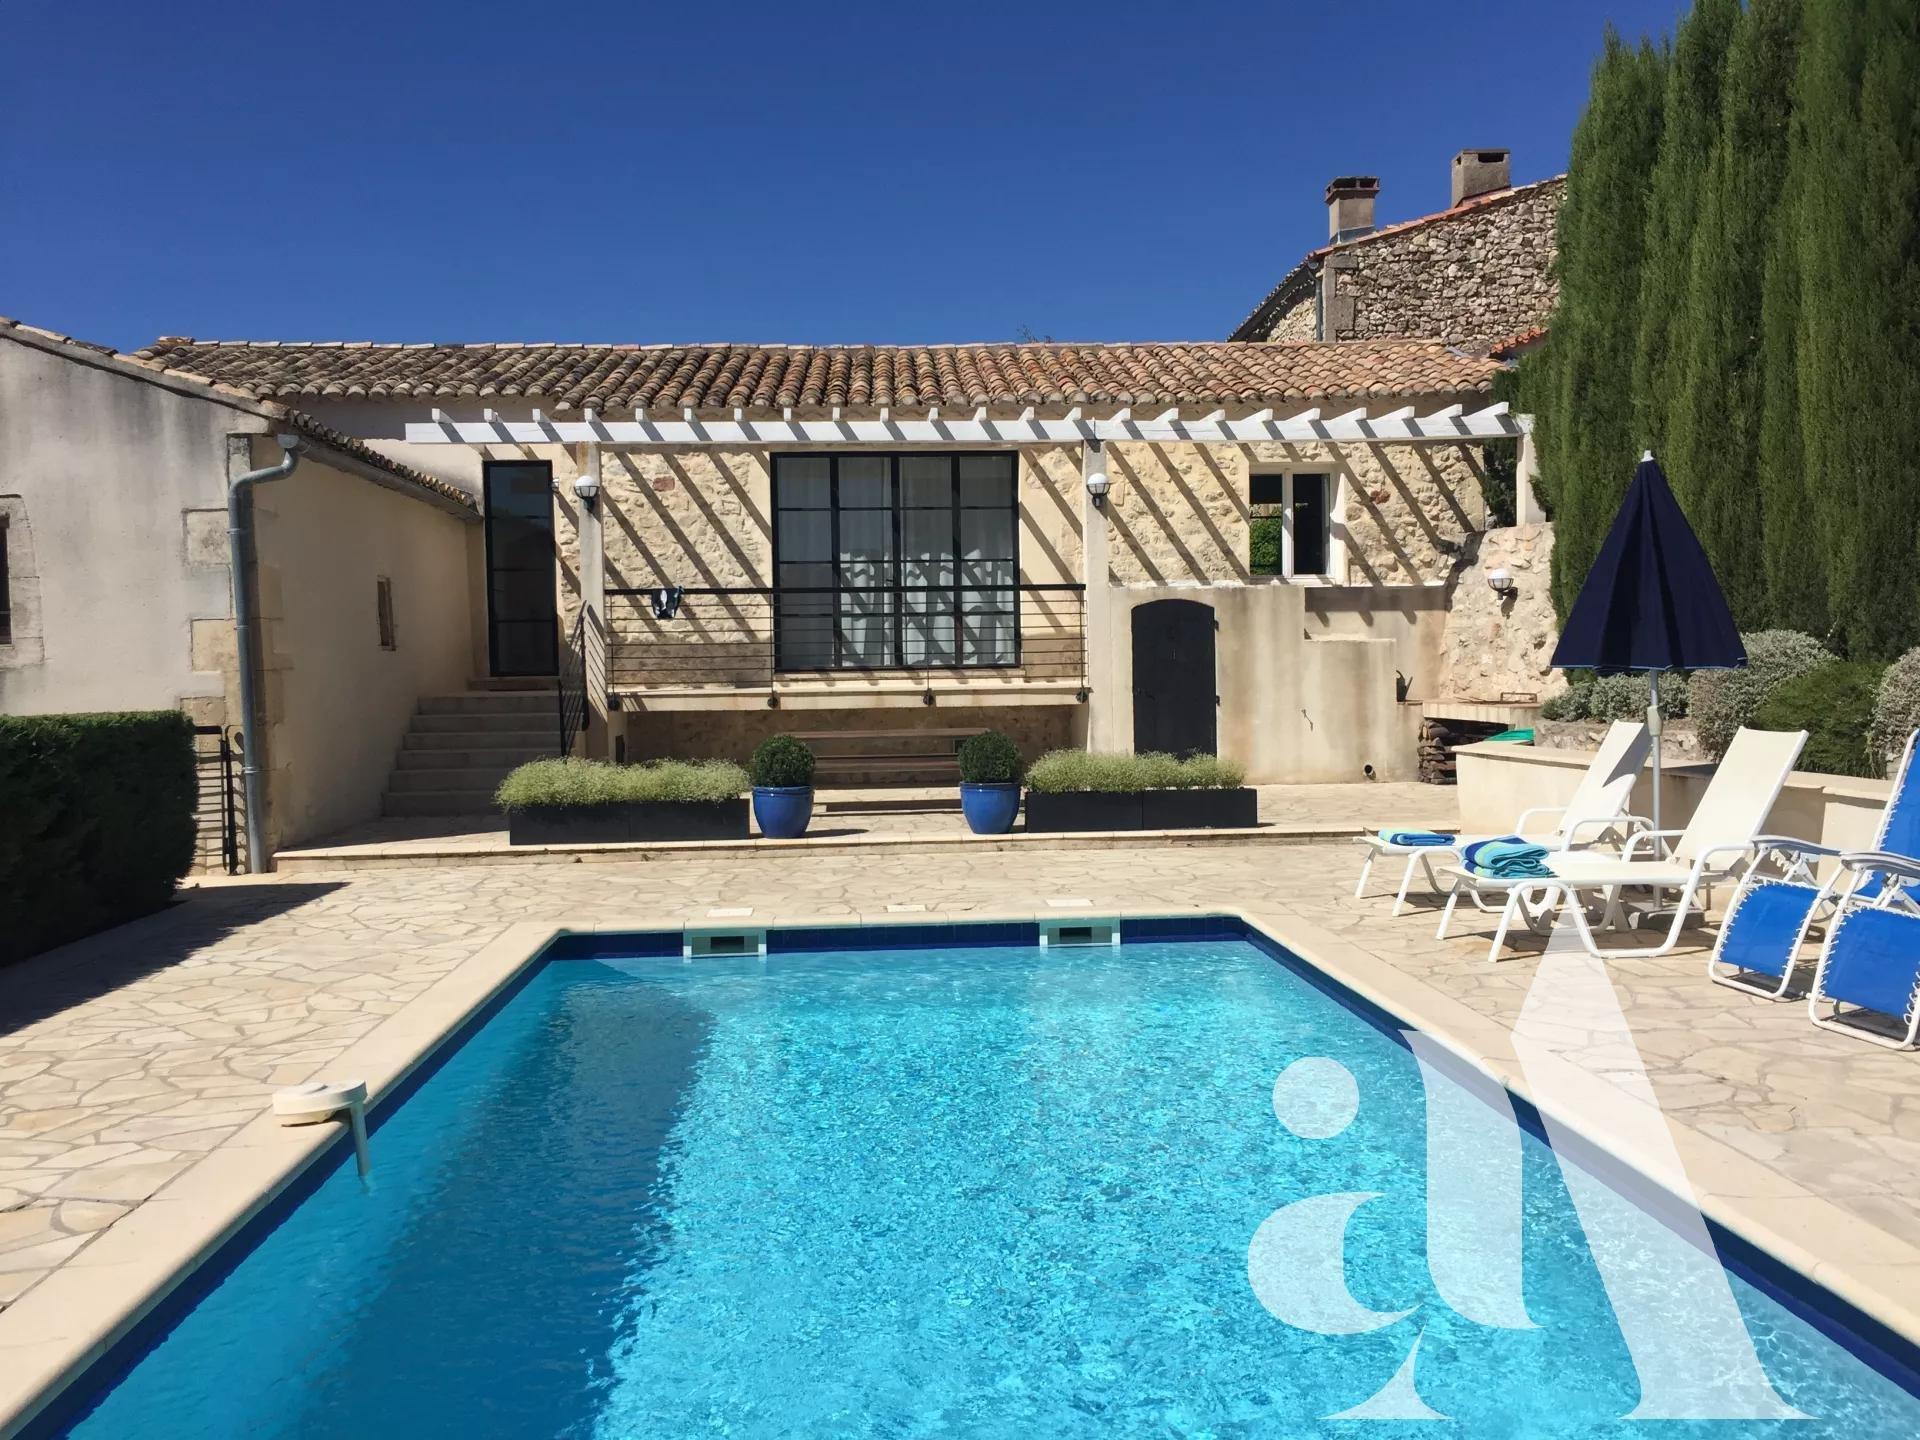 HOUSE WITH VIEW MAUSSANE-LES-ALPILLES